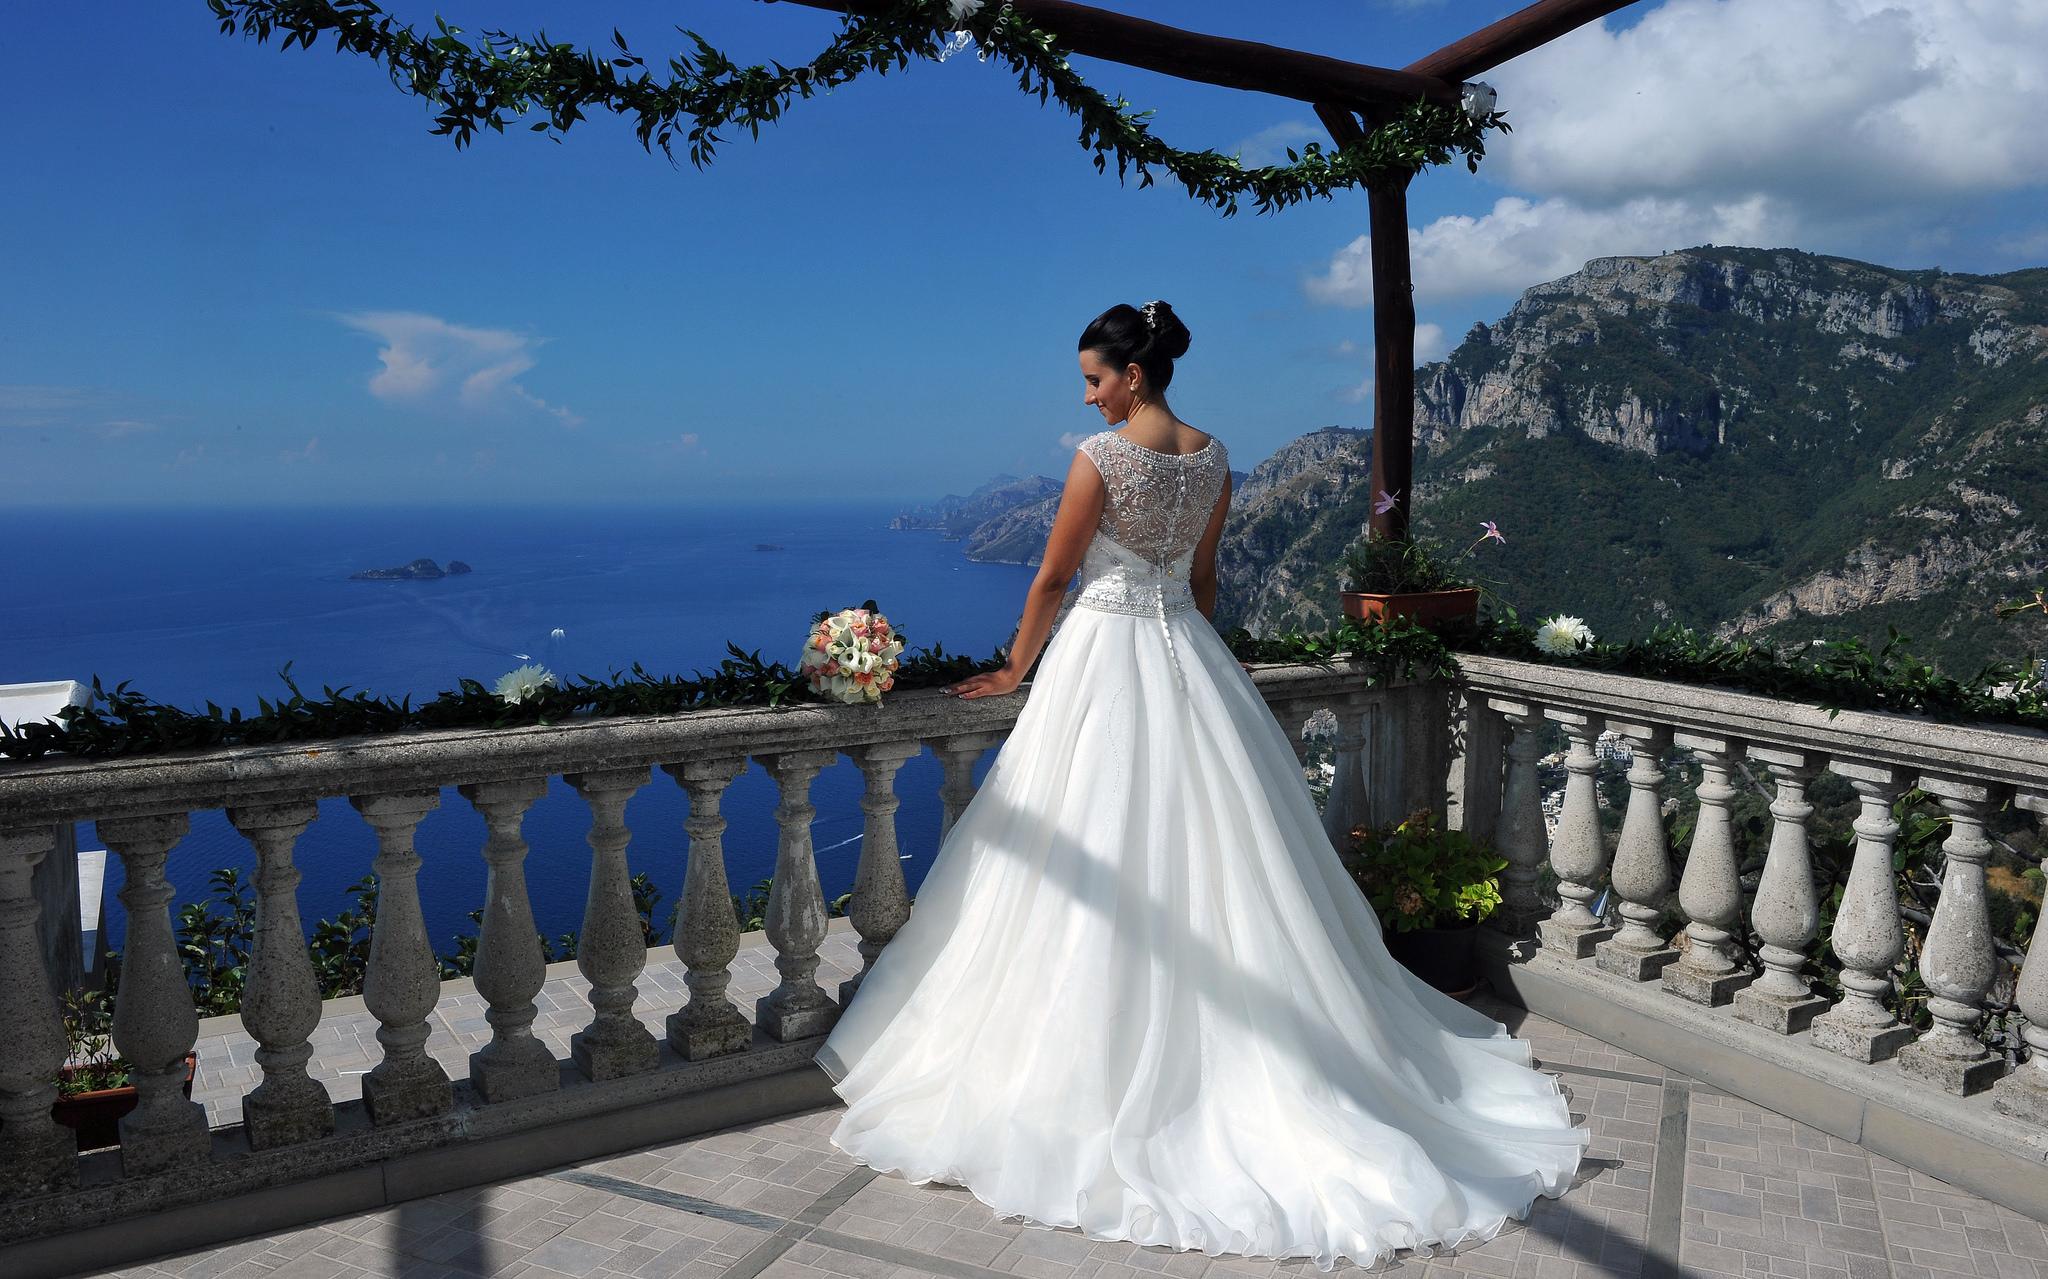 Ślub i wesele na Wybrzeżu Amalfi